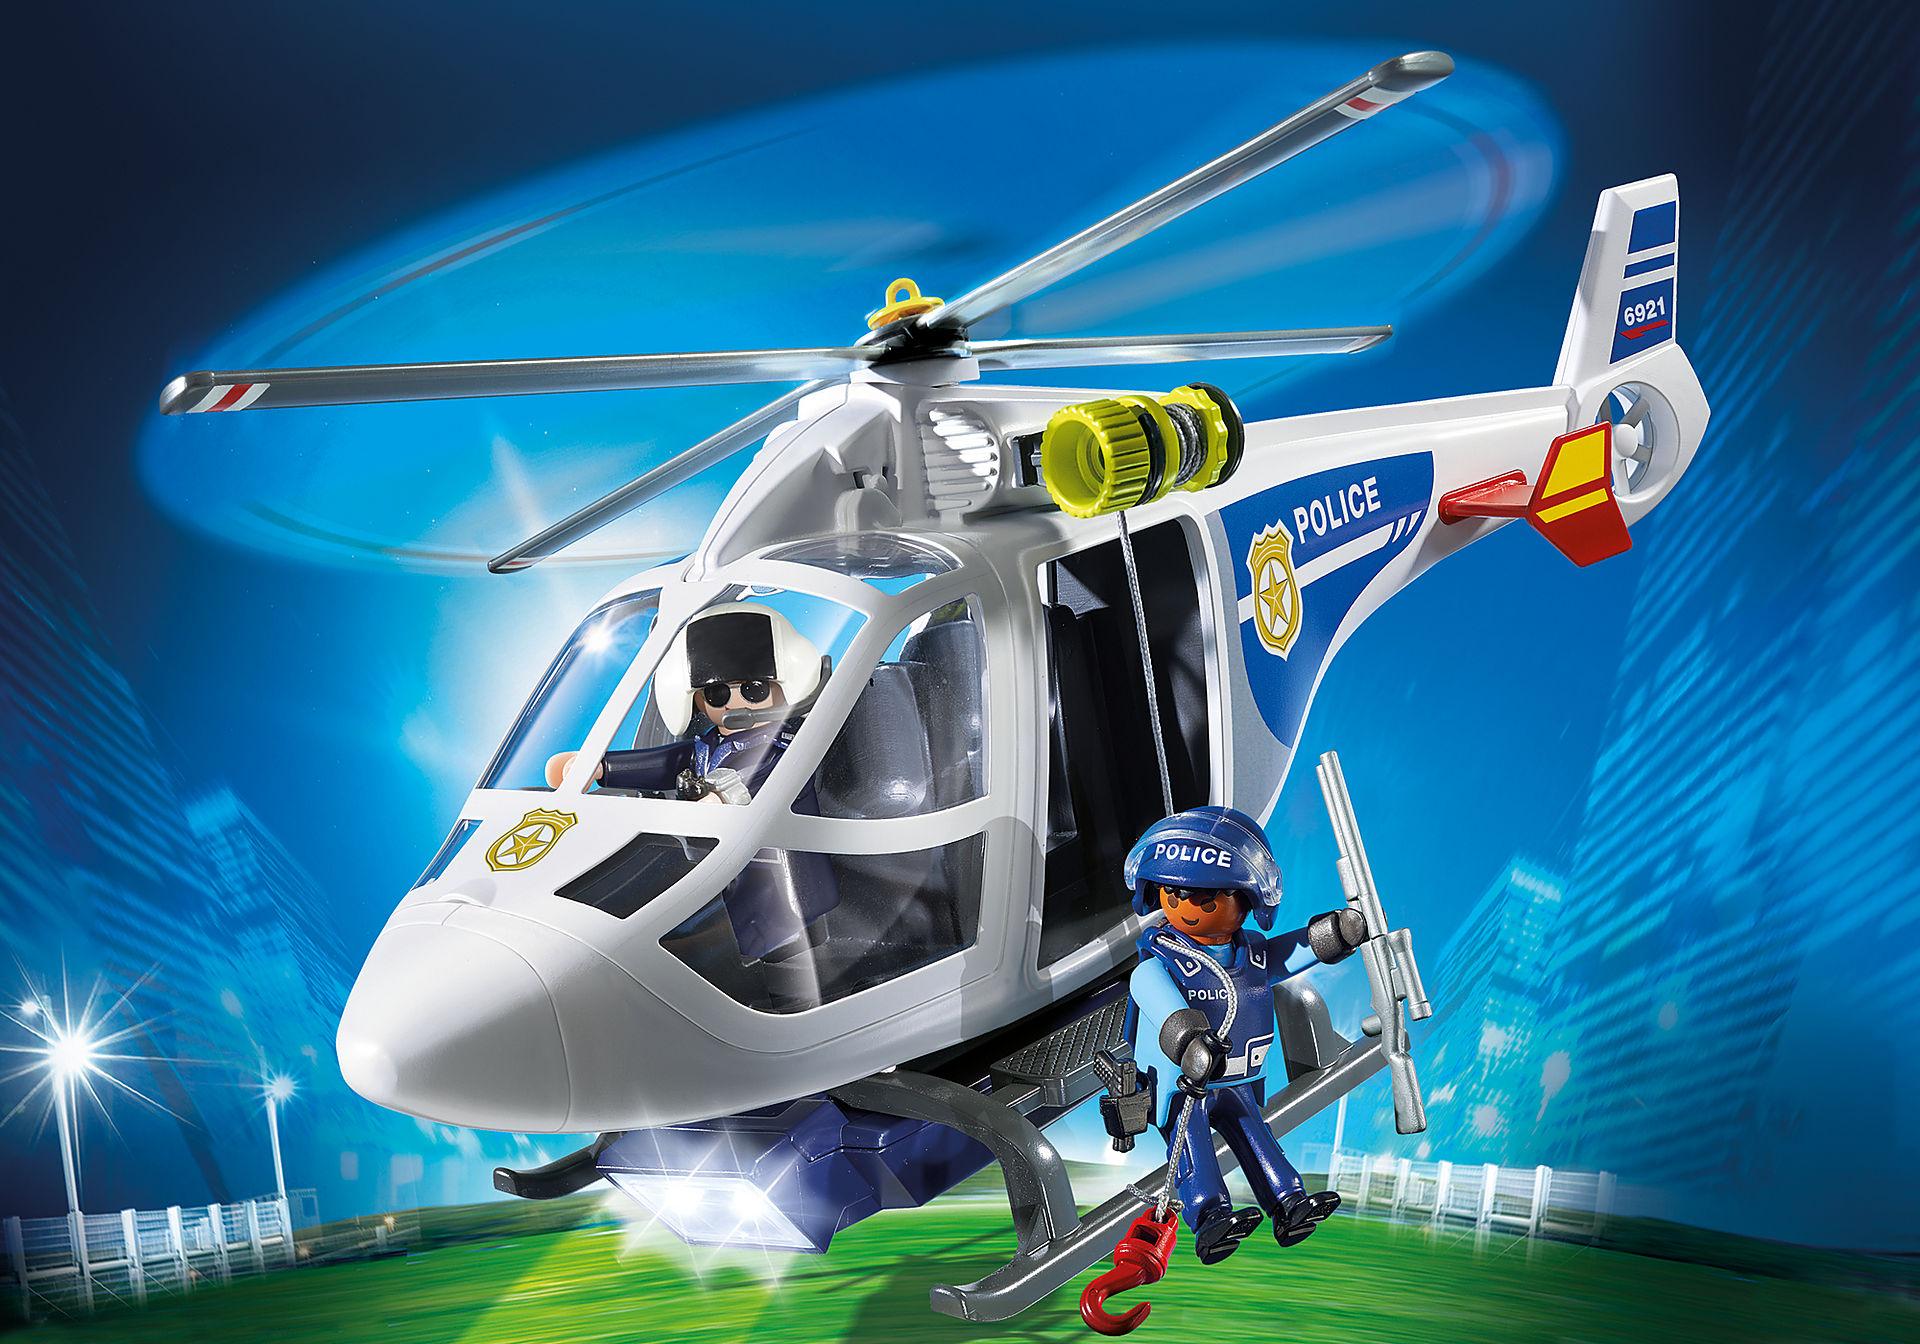 6921 Elicottero della polizia con luce di avvistamento zoom image1